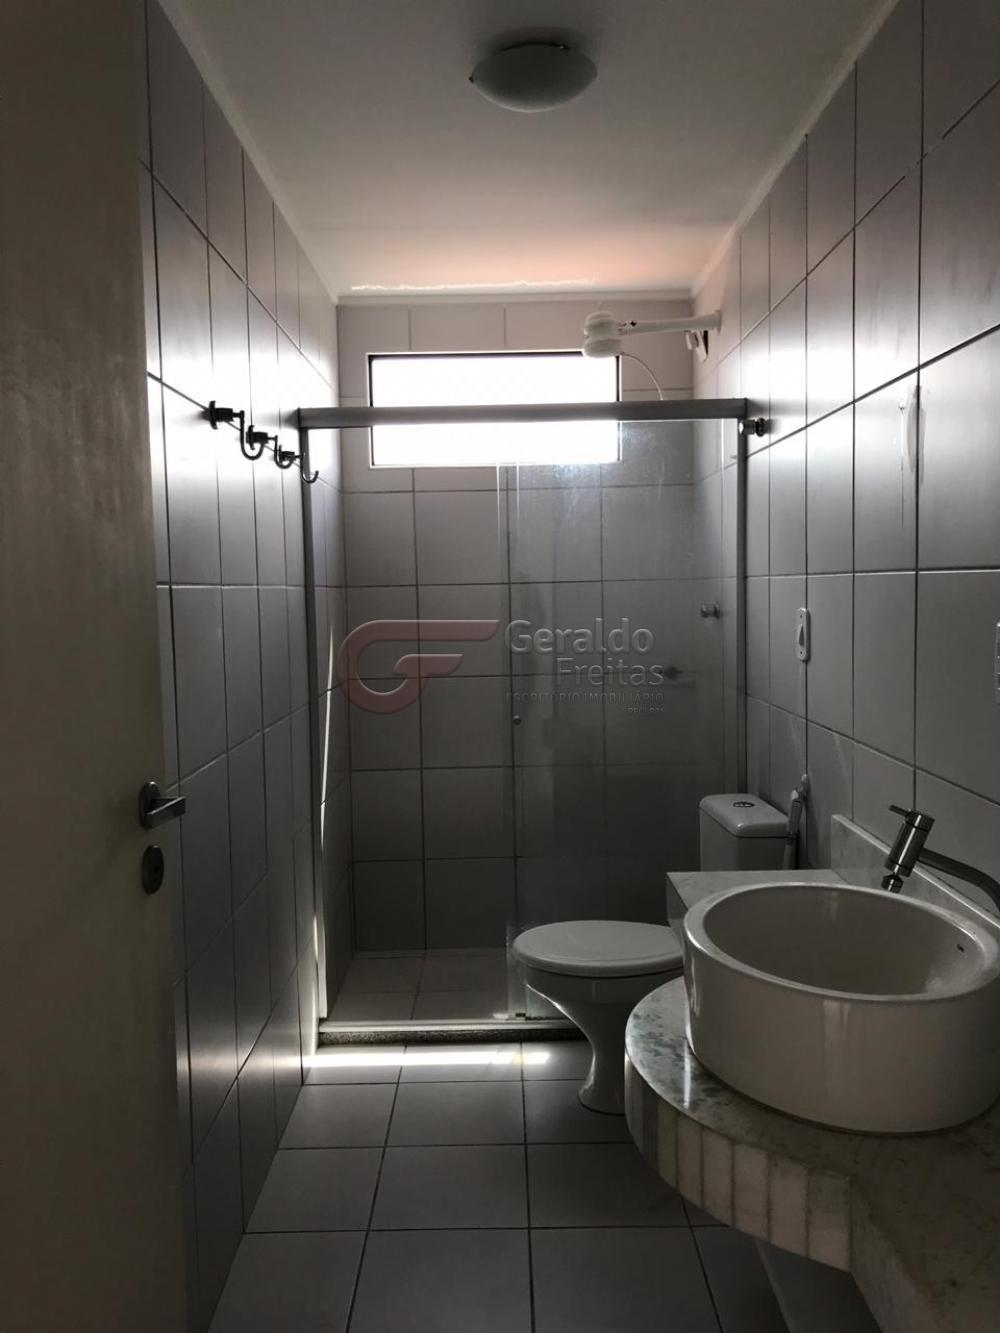 Comprar Apartamentos / Padrão em Maceió apenas R$ 440.000,00 - Foto 11